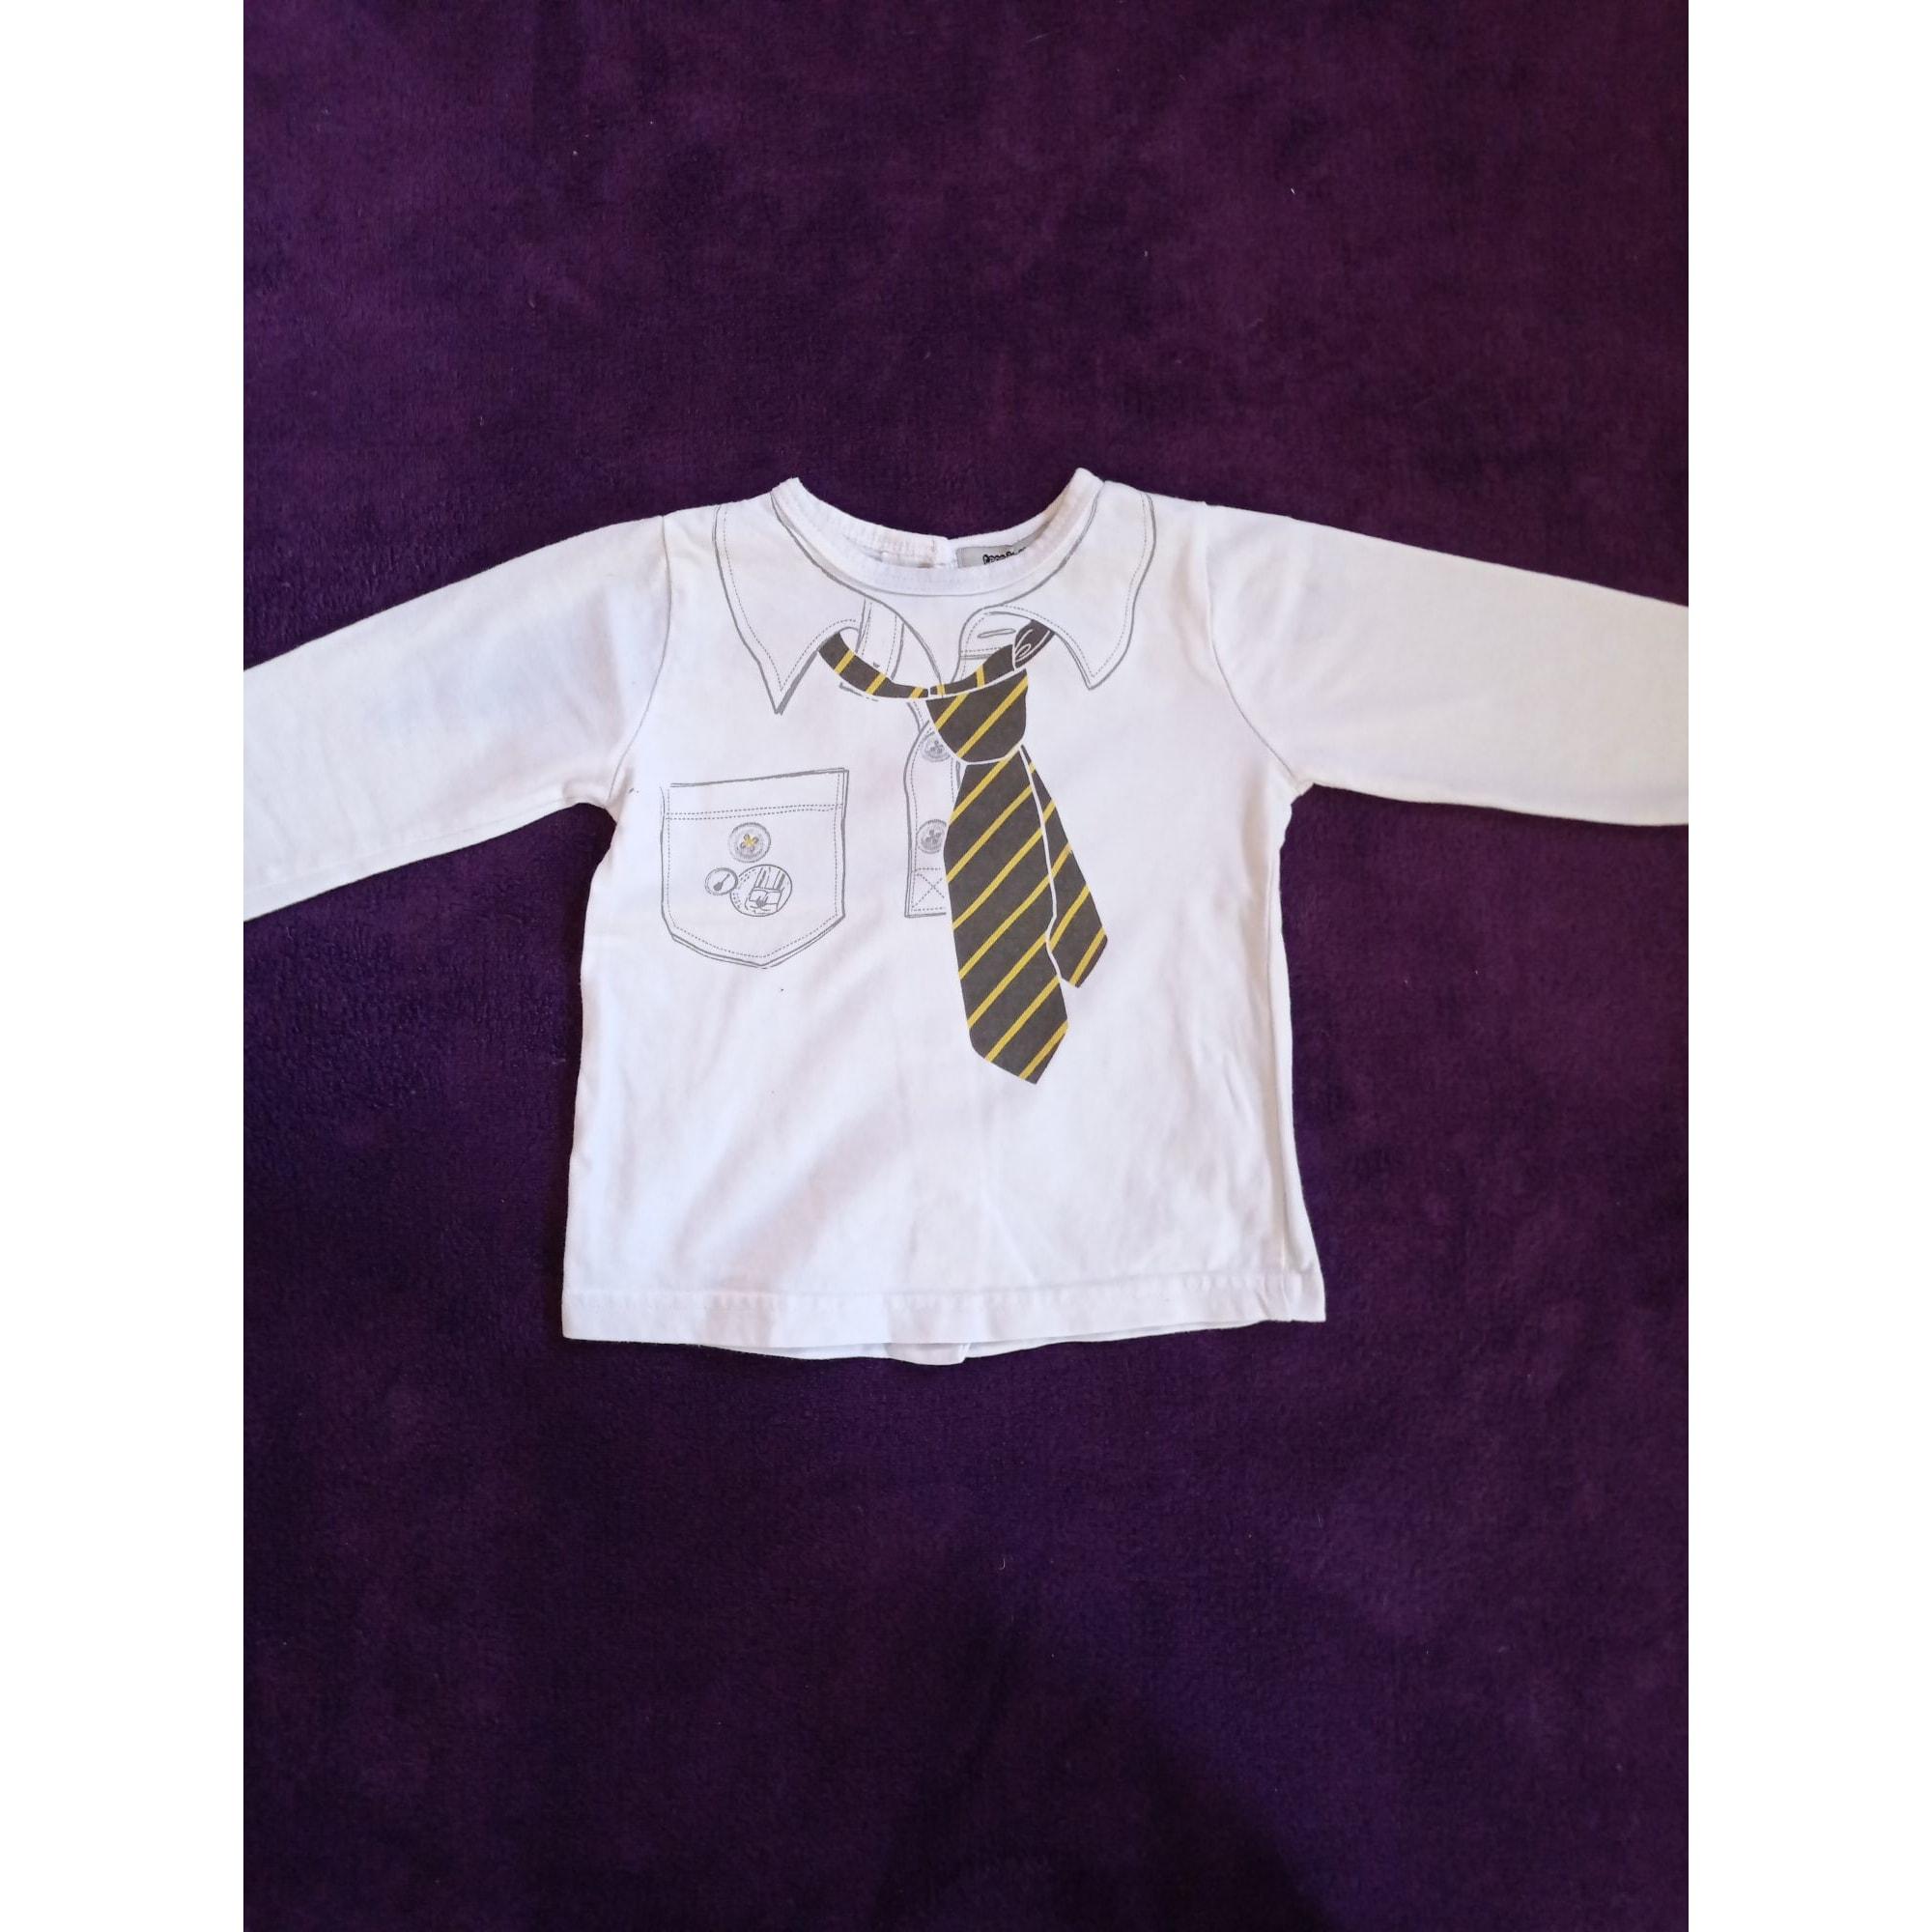 Top, T-shirt TAPE À L'OEIL White, off-white, ecru